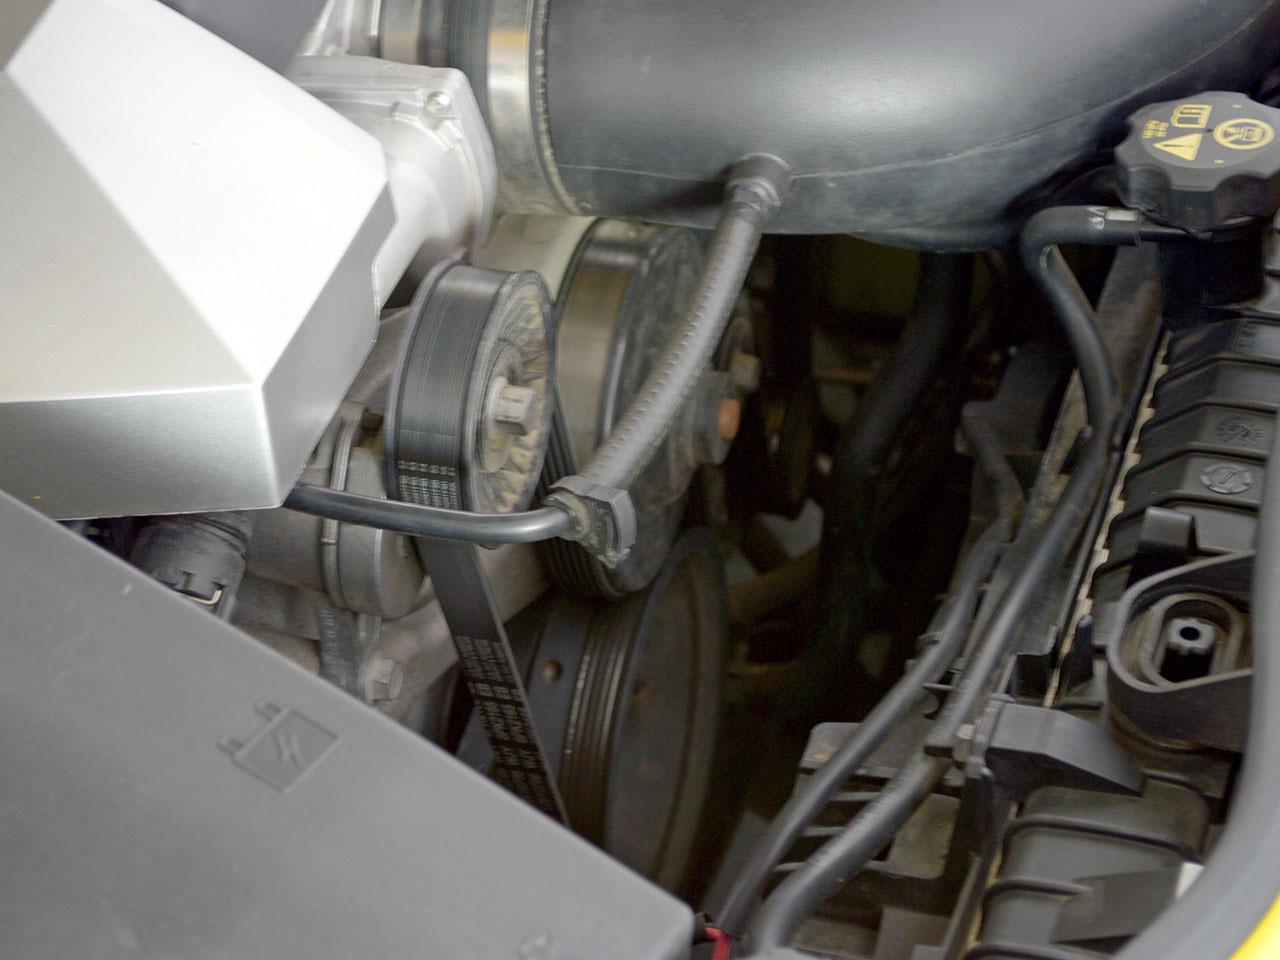 2010 Chevrolet Camaro (CC-1351739) for sale in O'Fallon, Illinois